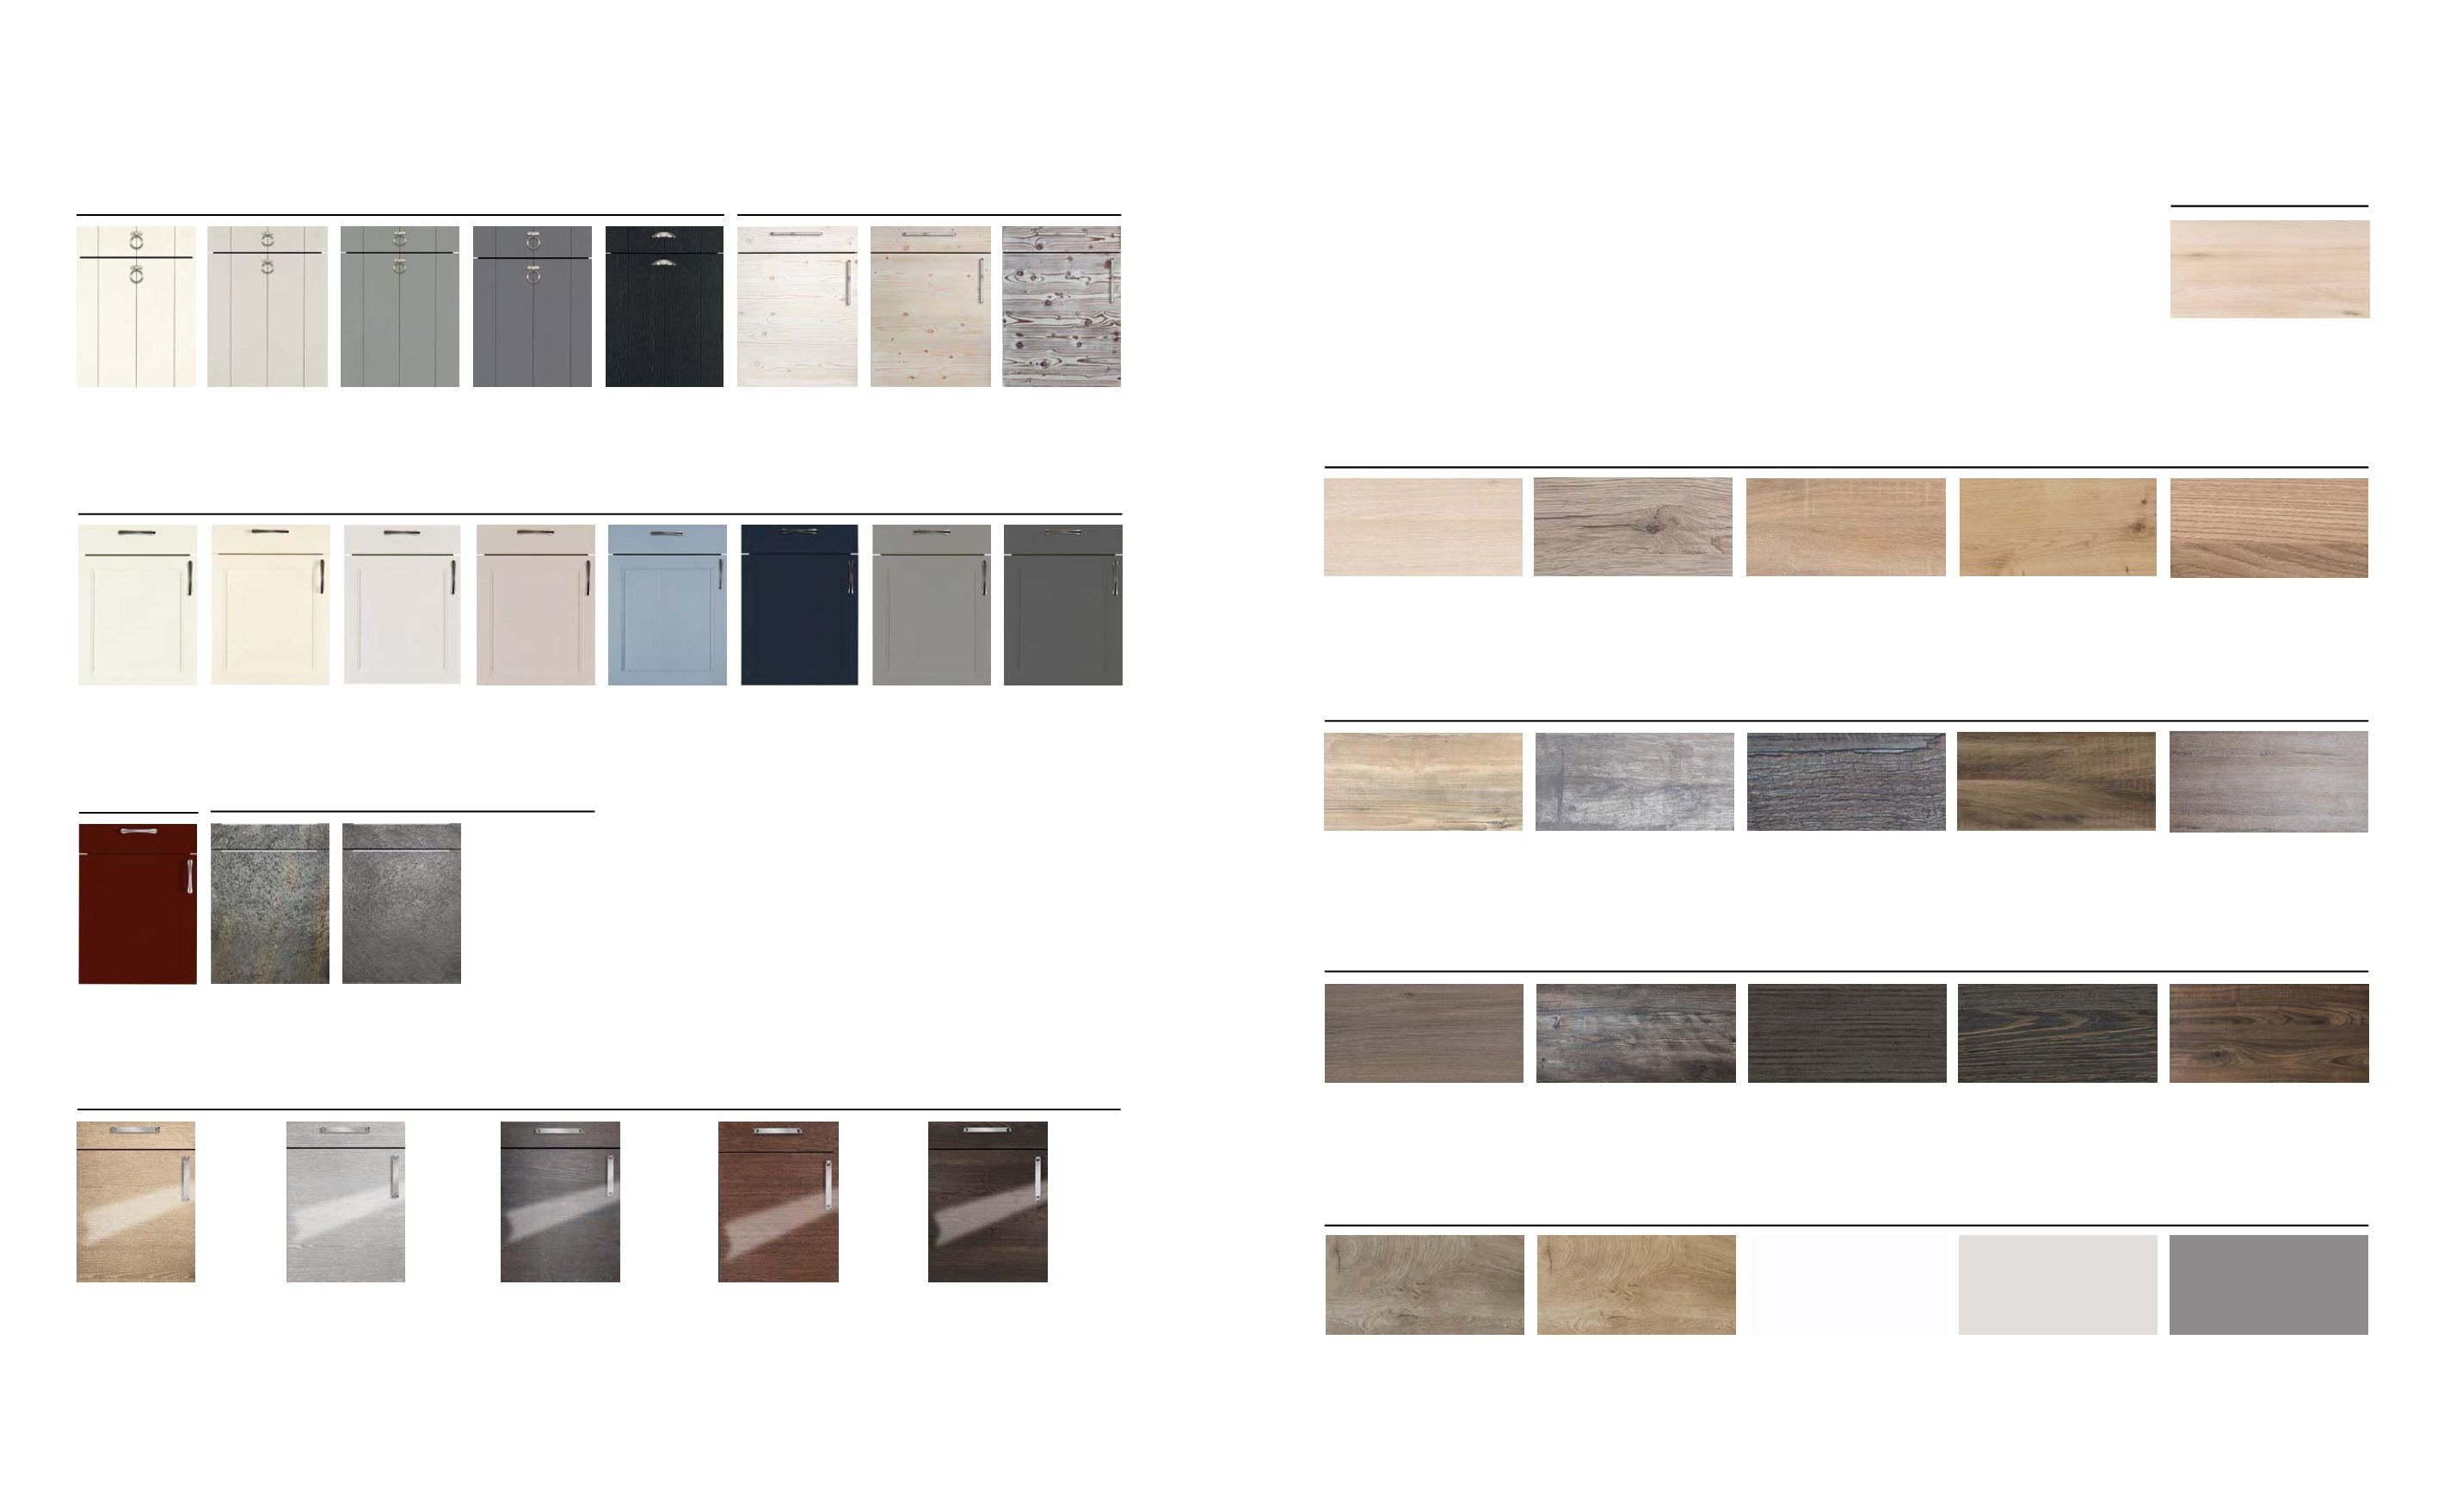 H Cker Arbeitsplatten schön häcker küchen forum bilder das beste architekturbild huepie com